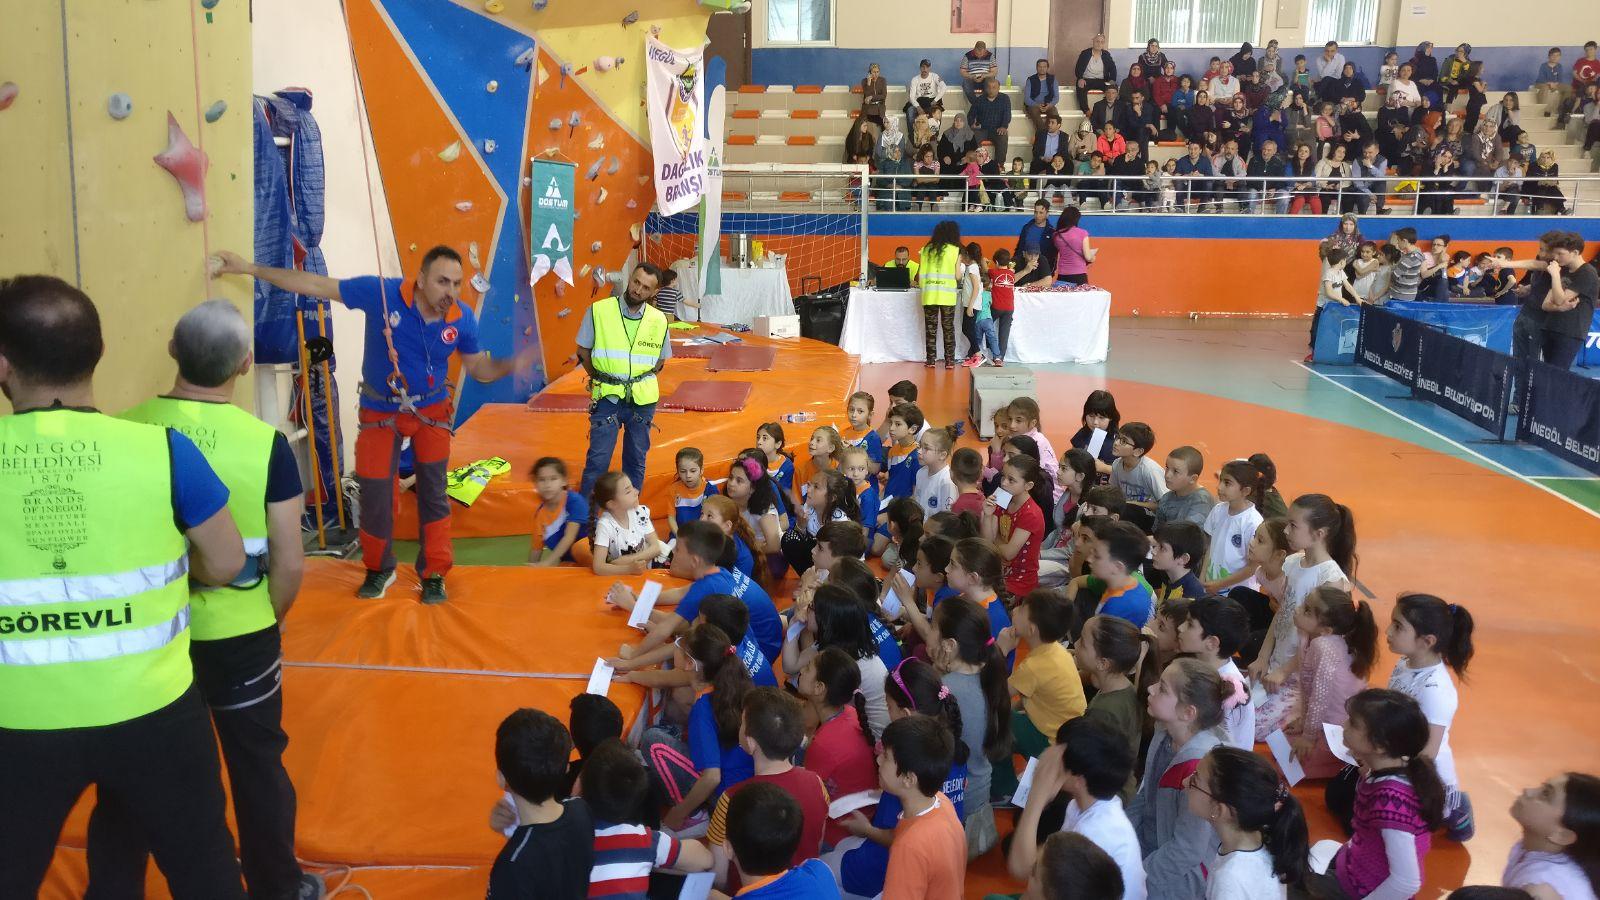 Spor Tırmanış Temel Seviye Eğitimi - Van Katılımcı Listesi